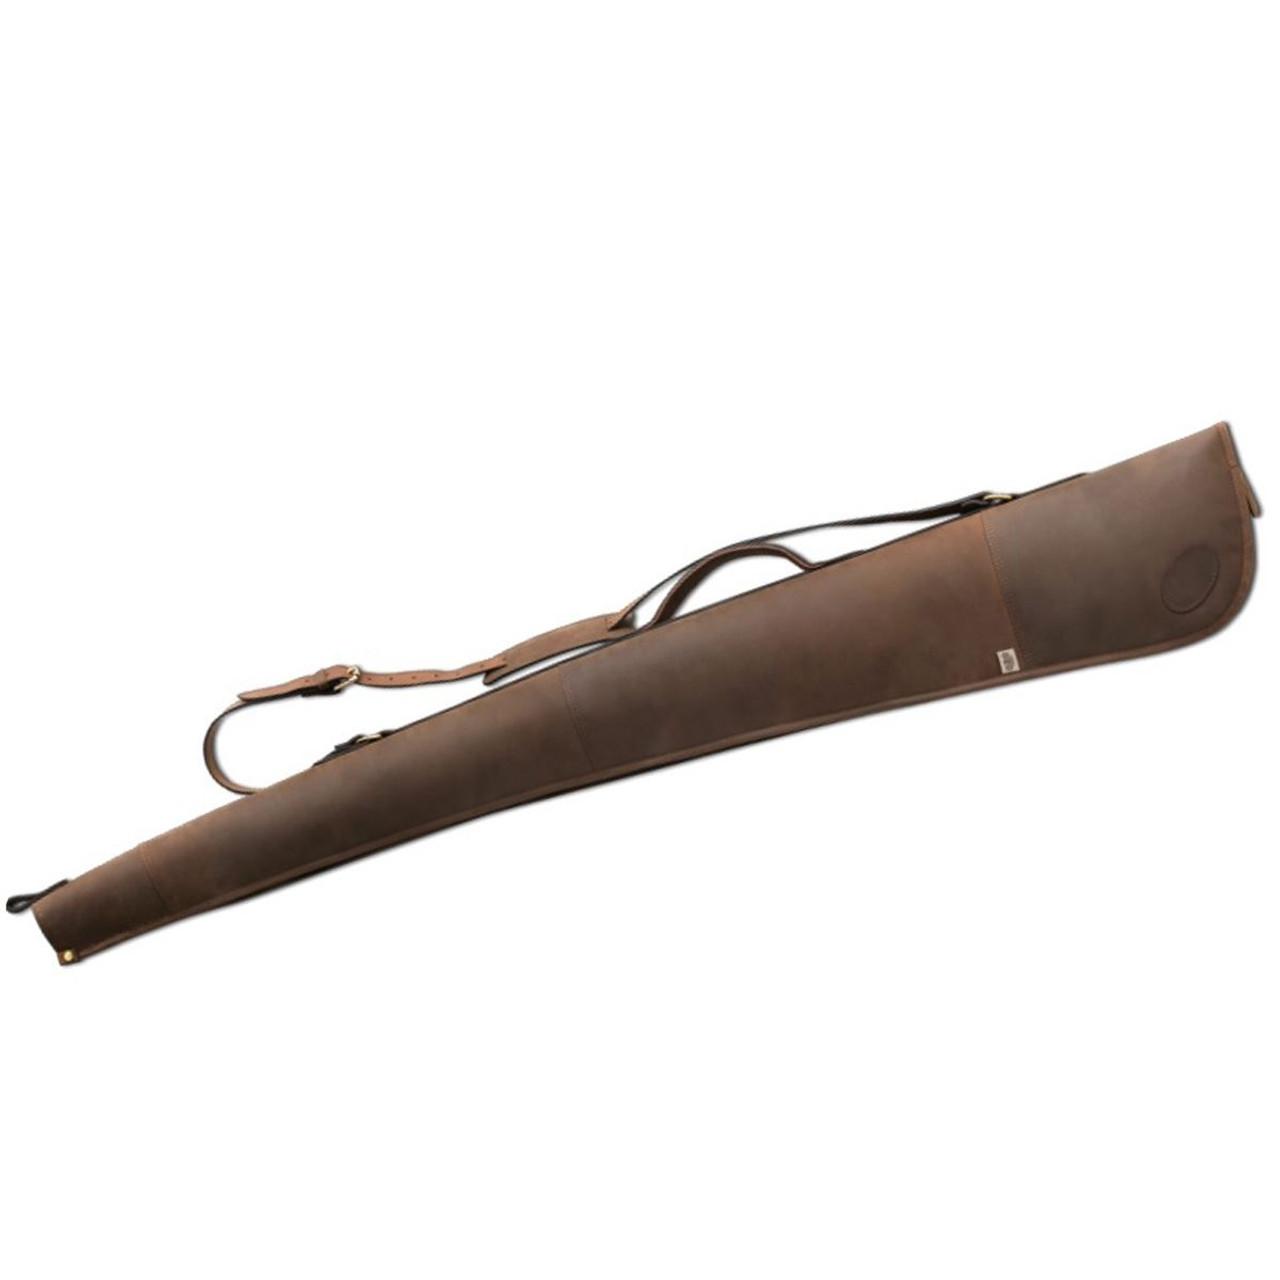 Teales Devonshire Leather Zip Around Gun Slip